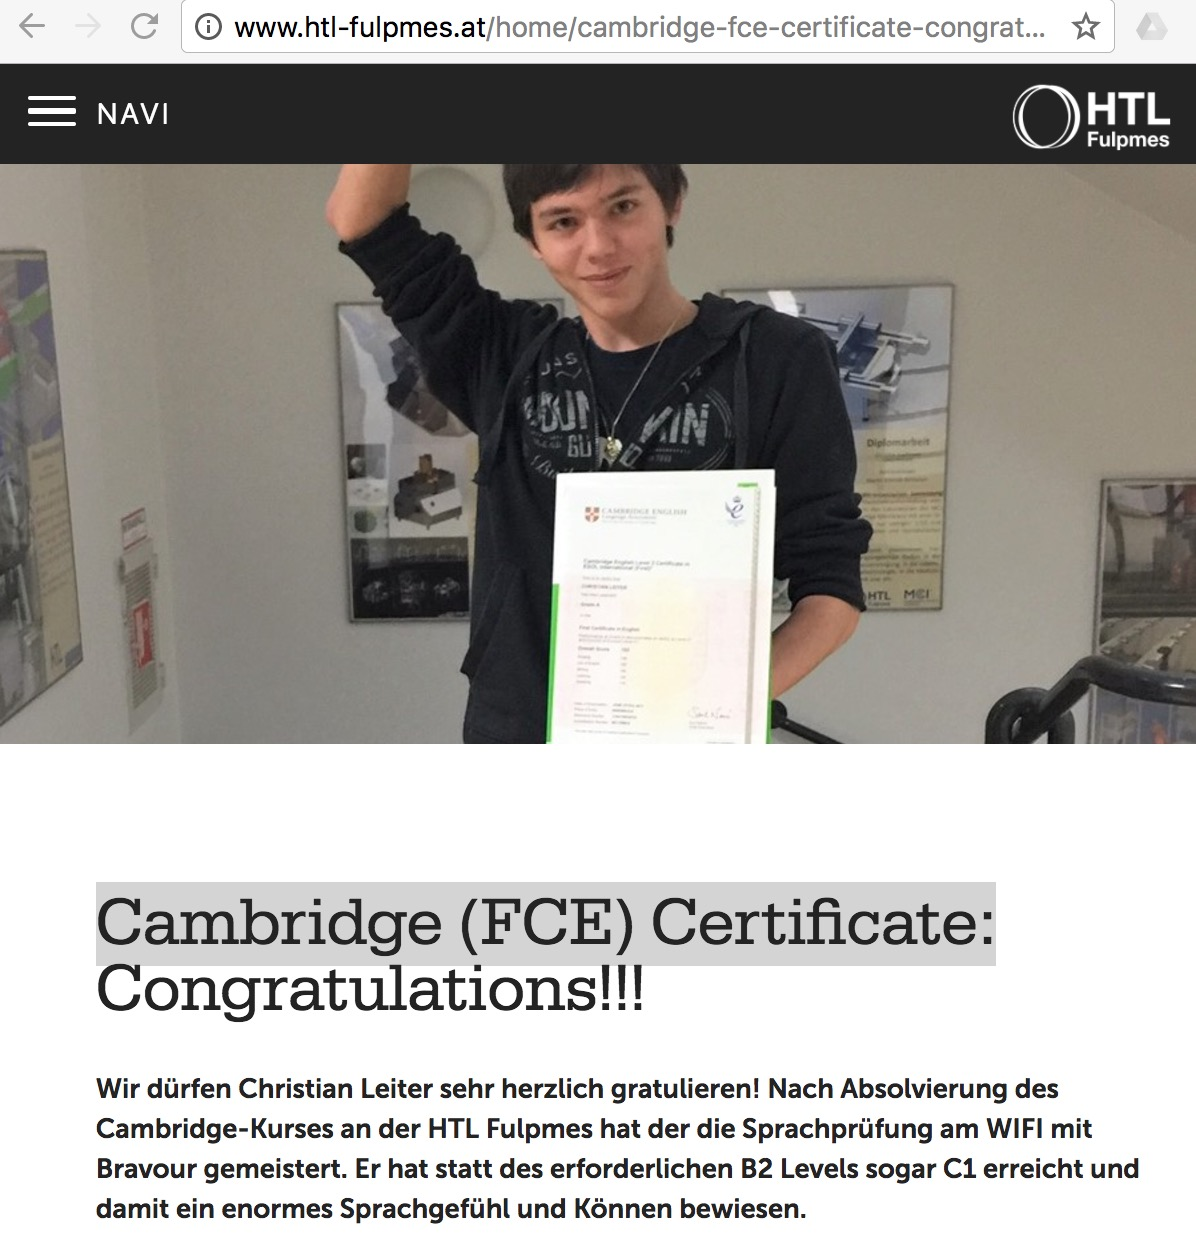 fce cambridge certificate fulpmes htl datenschutzerklaerung sitemap castle